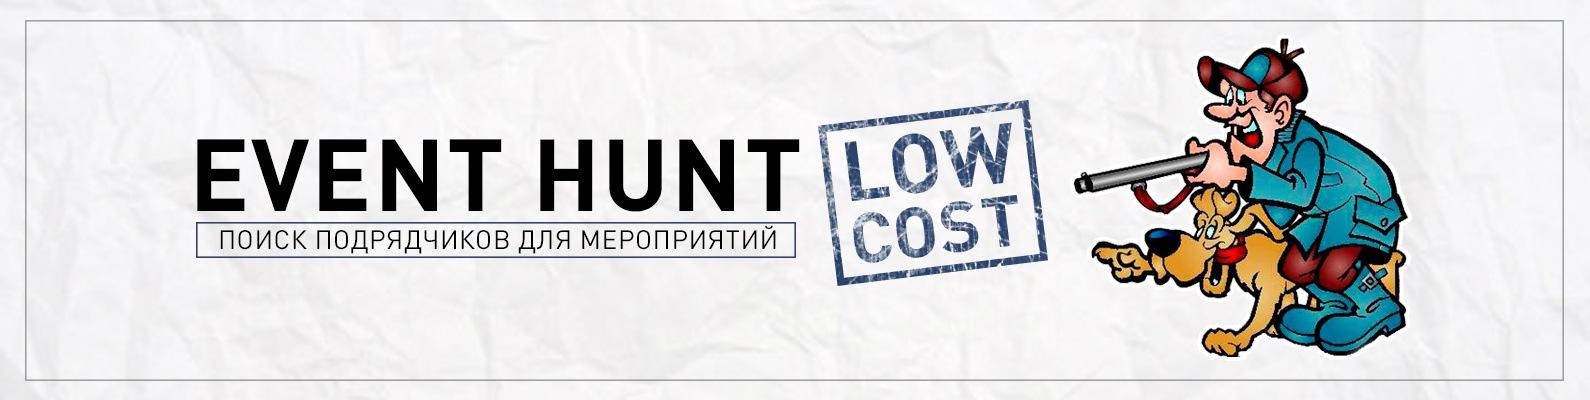 Купить срочно медицинская книжка Москва Нагорный